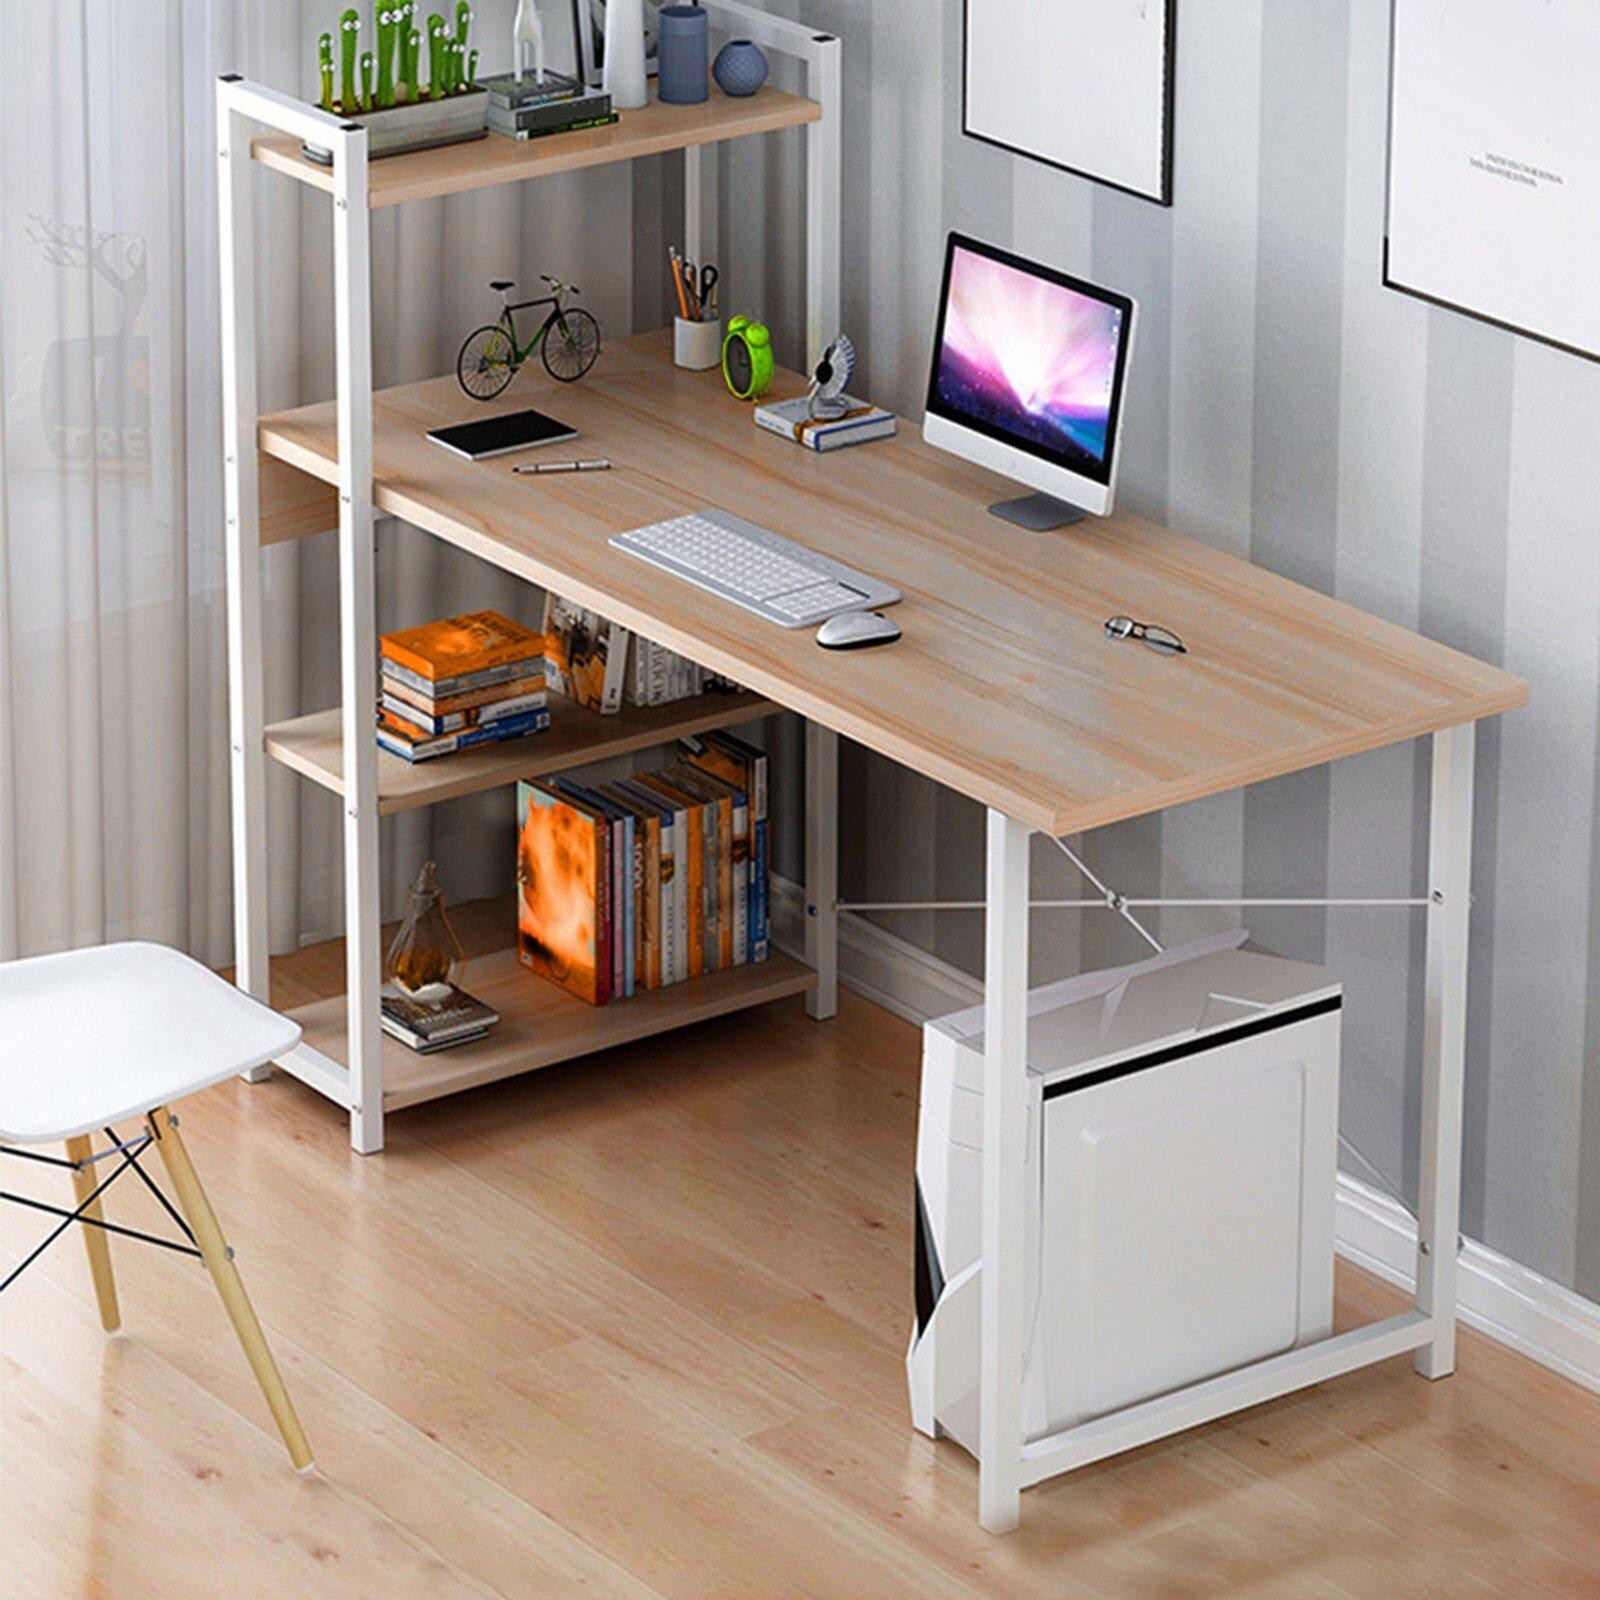 Inbox Zero Computer Desk With Bookshelf 40-Inch Home Office Desk